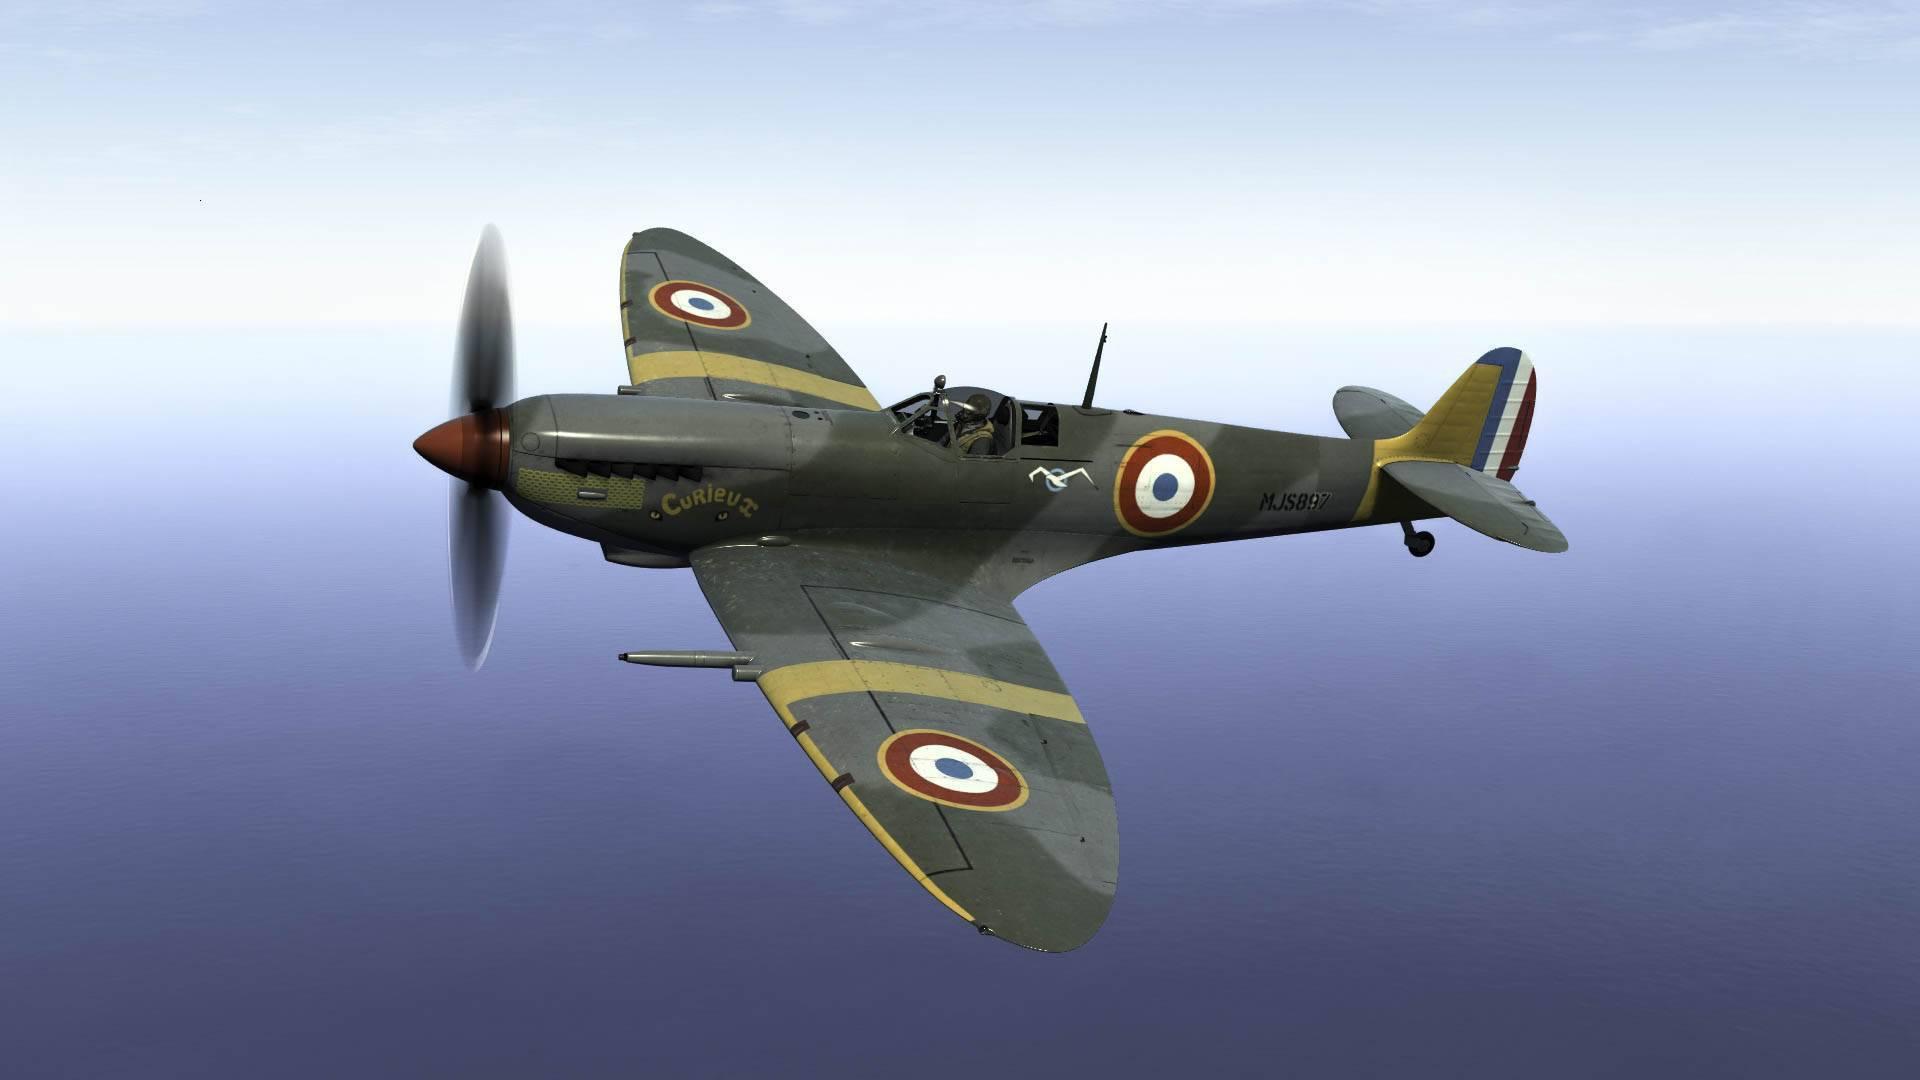 Spitfire f mk xive - war thunder wiki